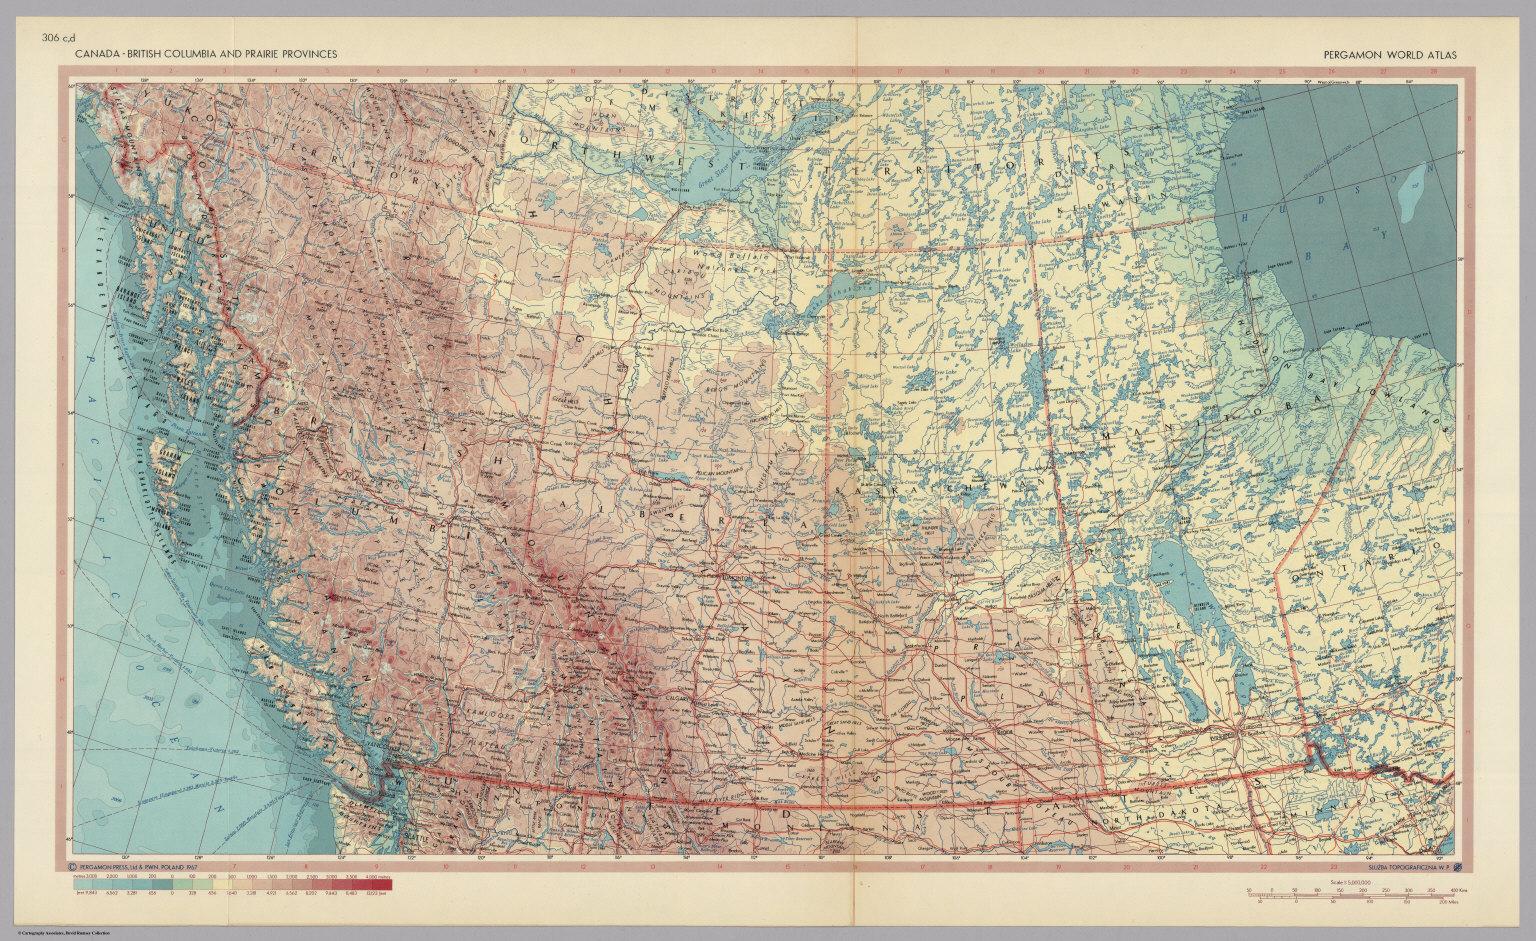 Canada british columbia and prairie provinces pergamon world canada british columbia and prairie provinces pergamon world atlas gumiabroncs Gallery